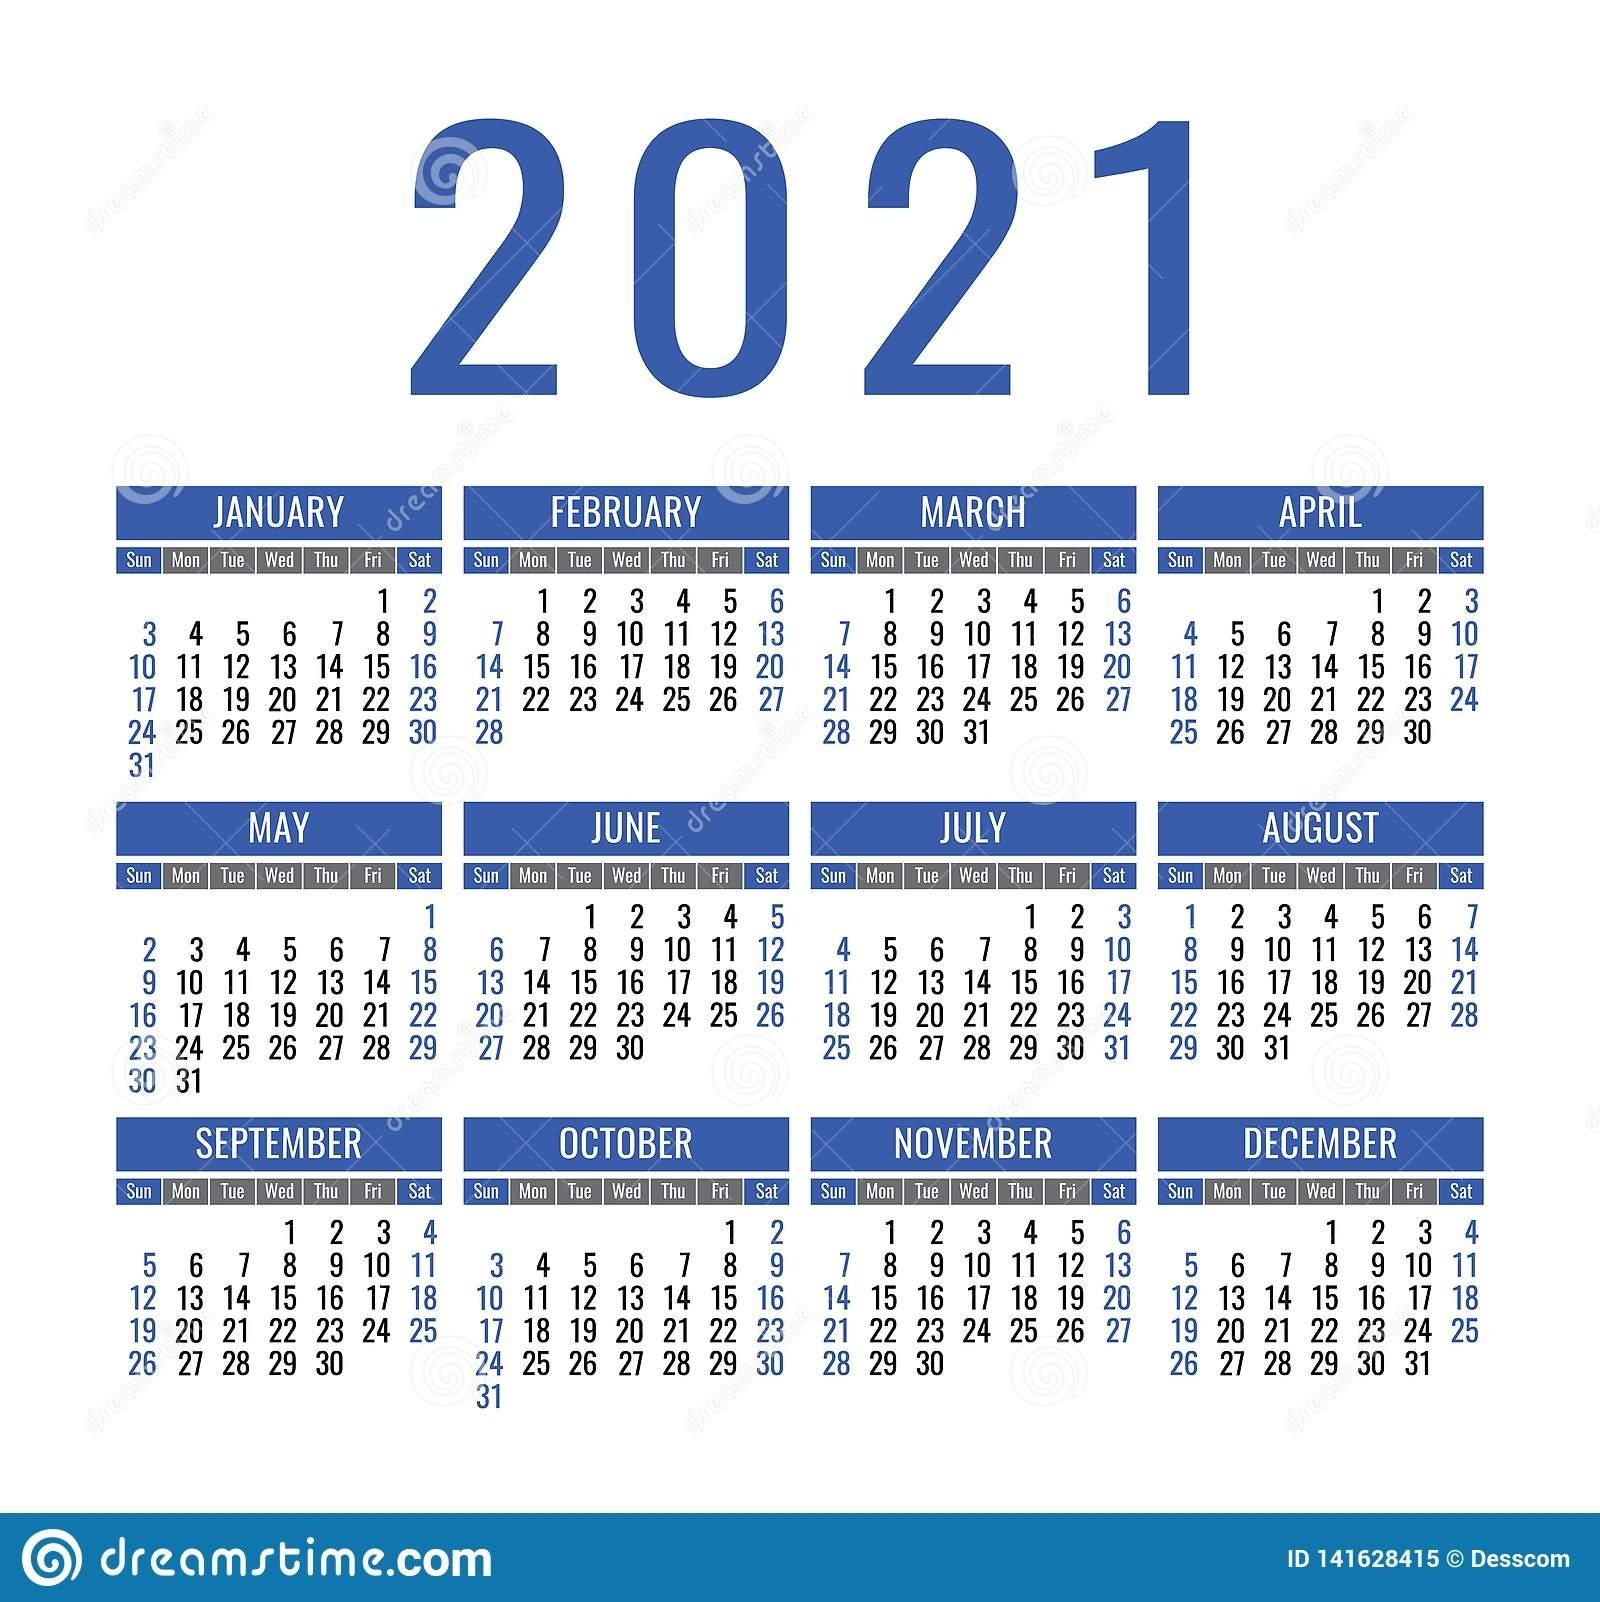 Calendario 2021 Años Plantilla Del Calendario Del Bolsillo O Calendario 2021 Con Semanas